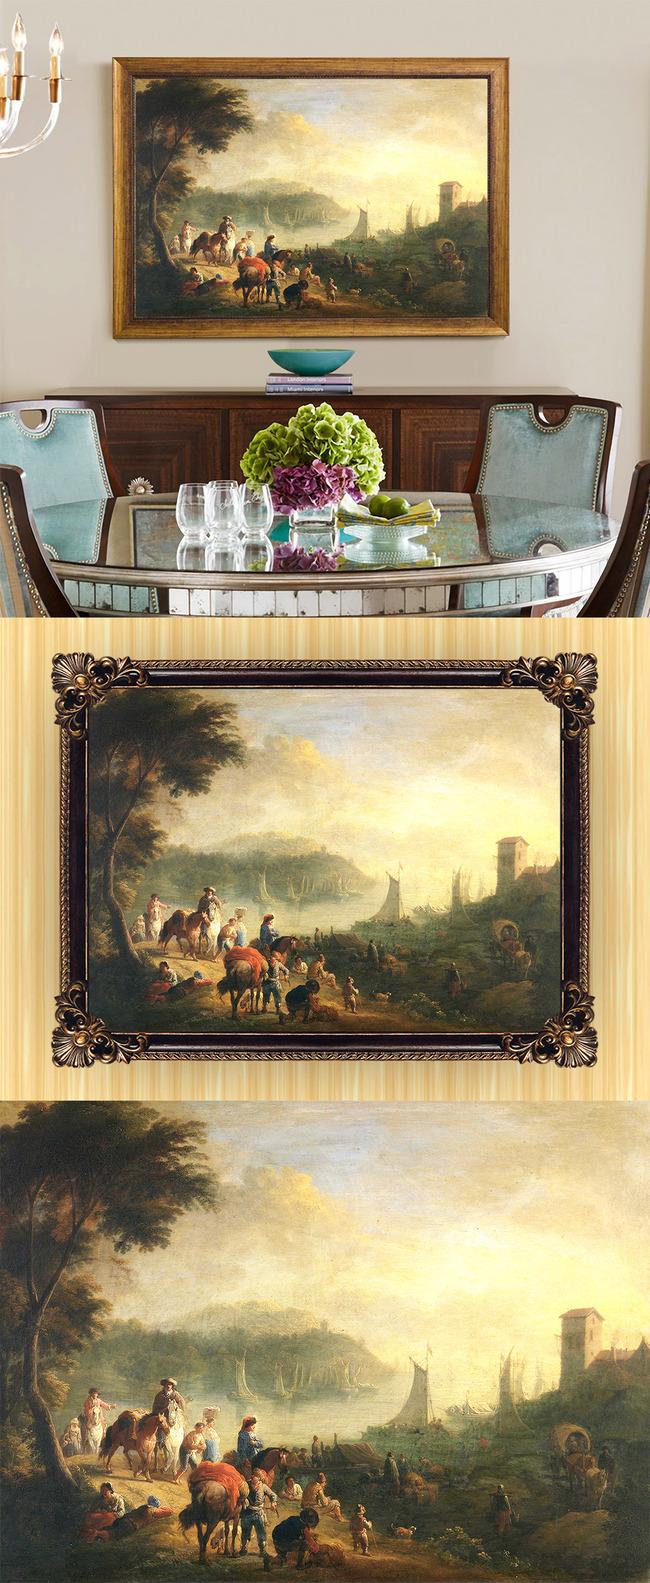 高清手绘欧式古典写实风格风景人物油画